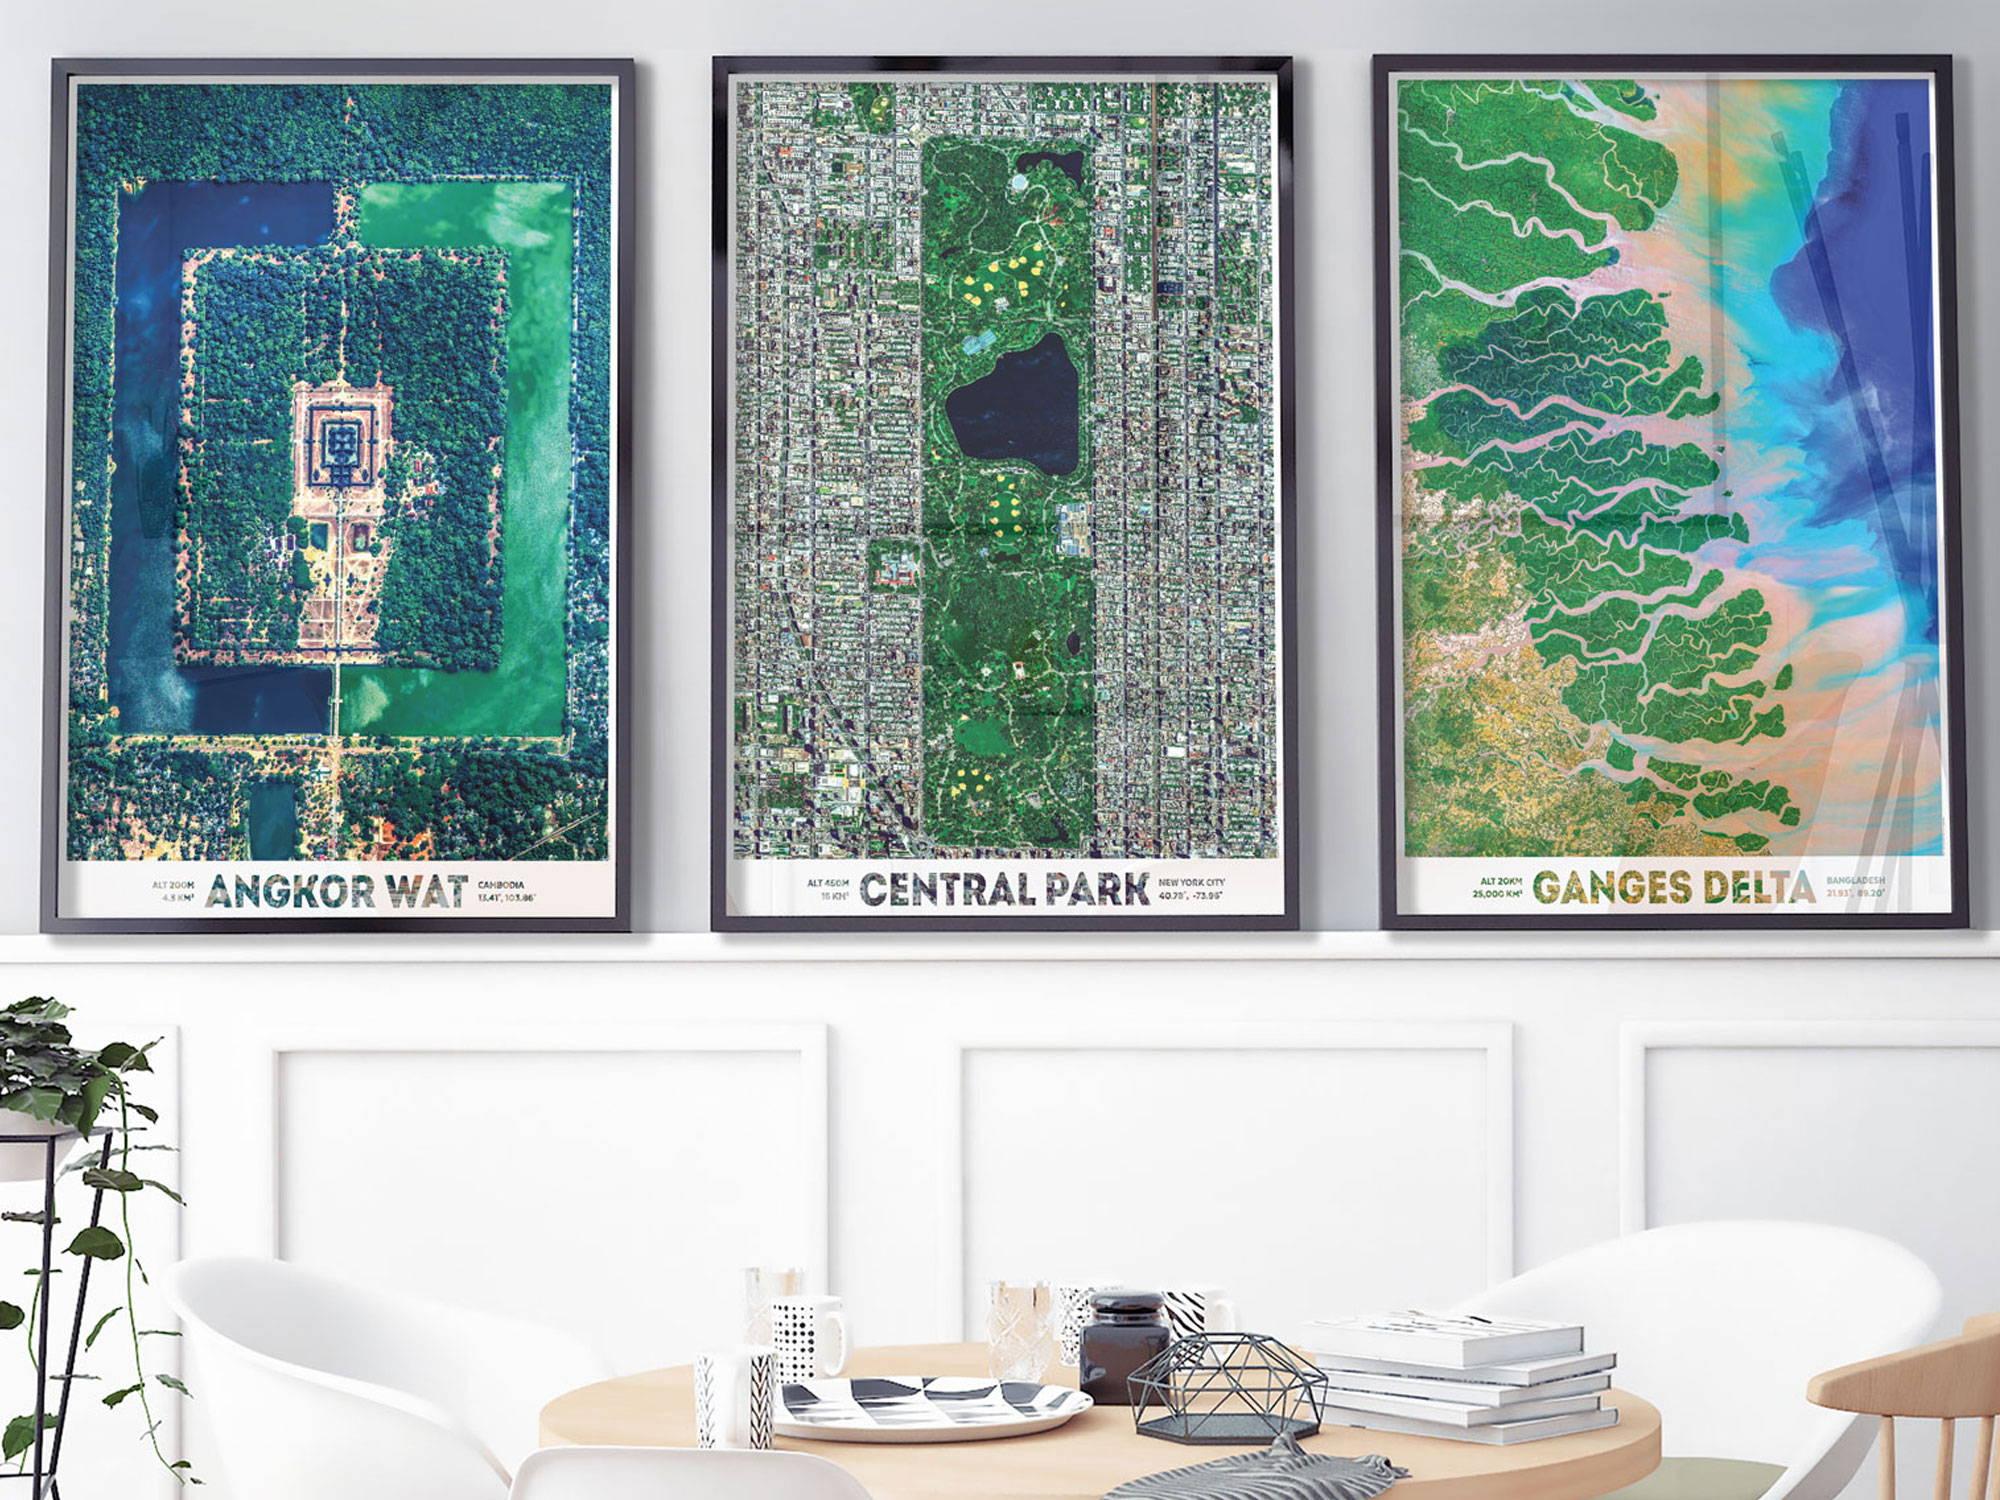 satellite images of earth - angkor wat, central park, ganges